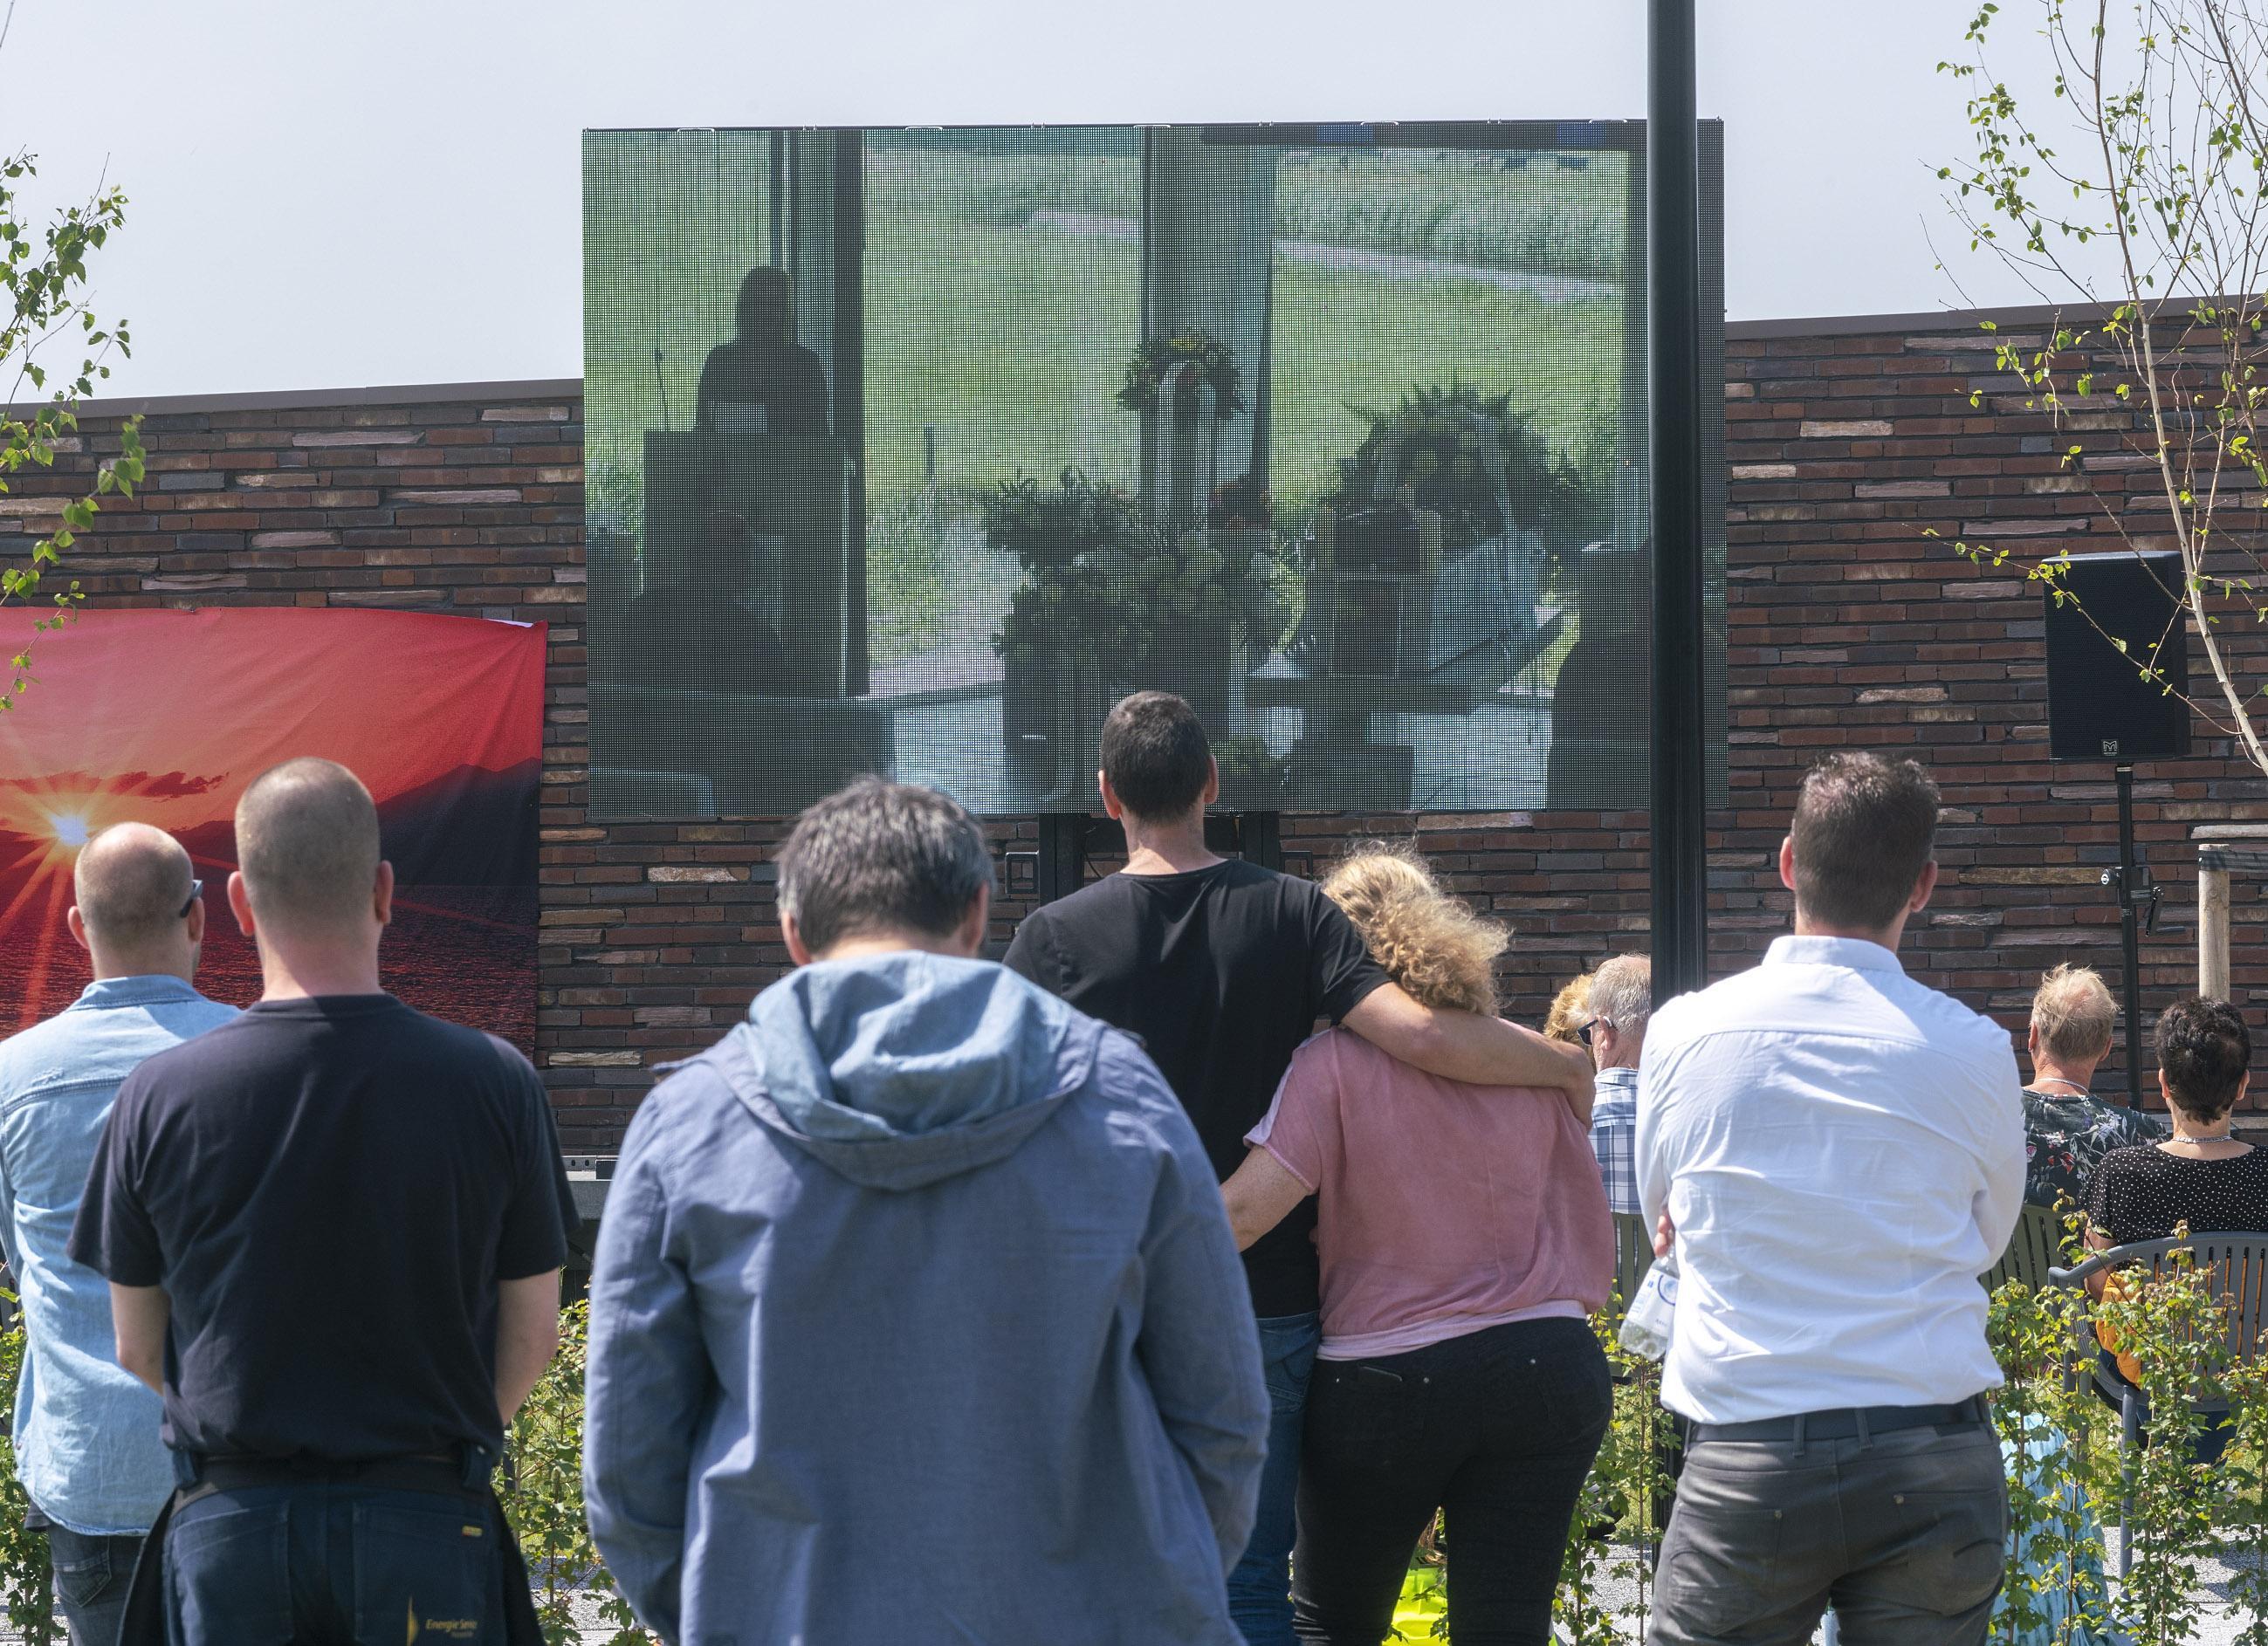 Toch een grote uitvaart voor Remco Raven (40) uit Egmond aan den Hoef. Groot scherm buiten na avondje bellen met Bruinooge